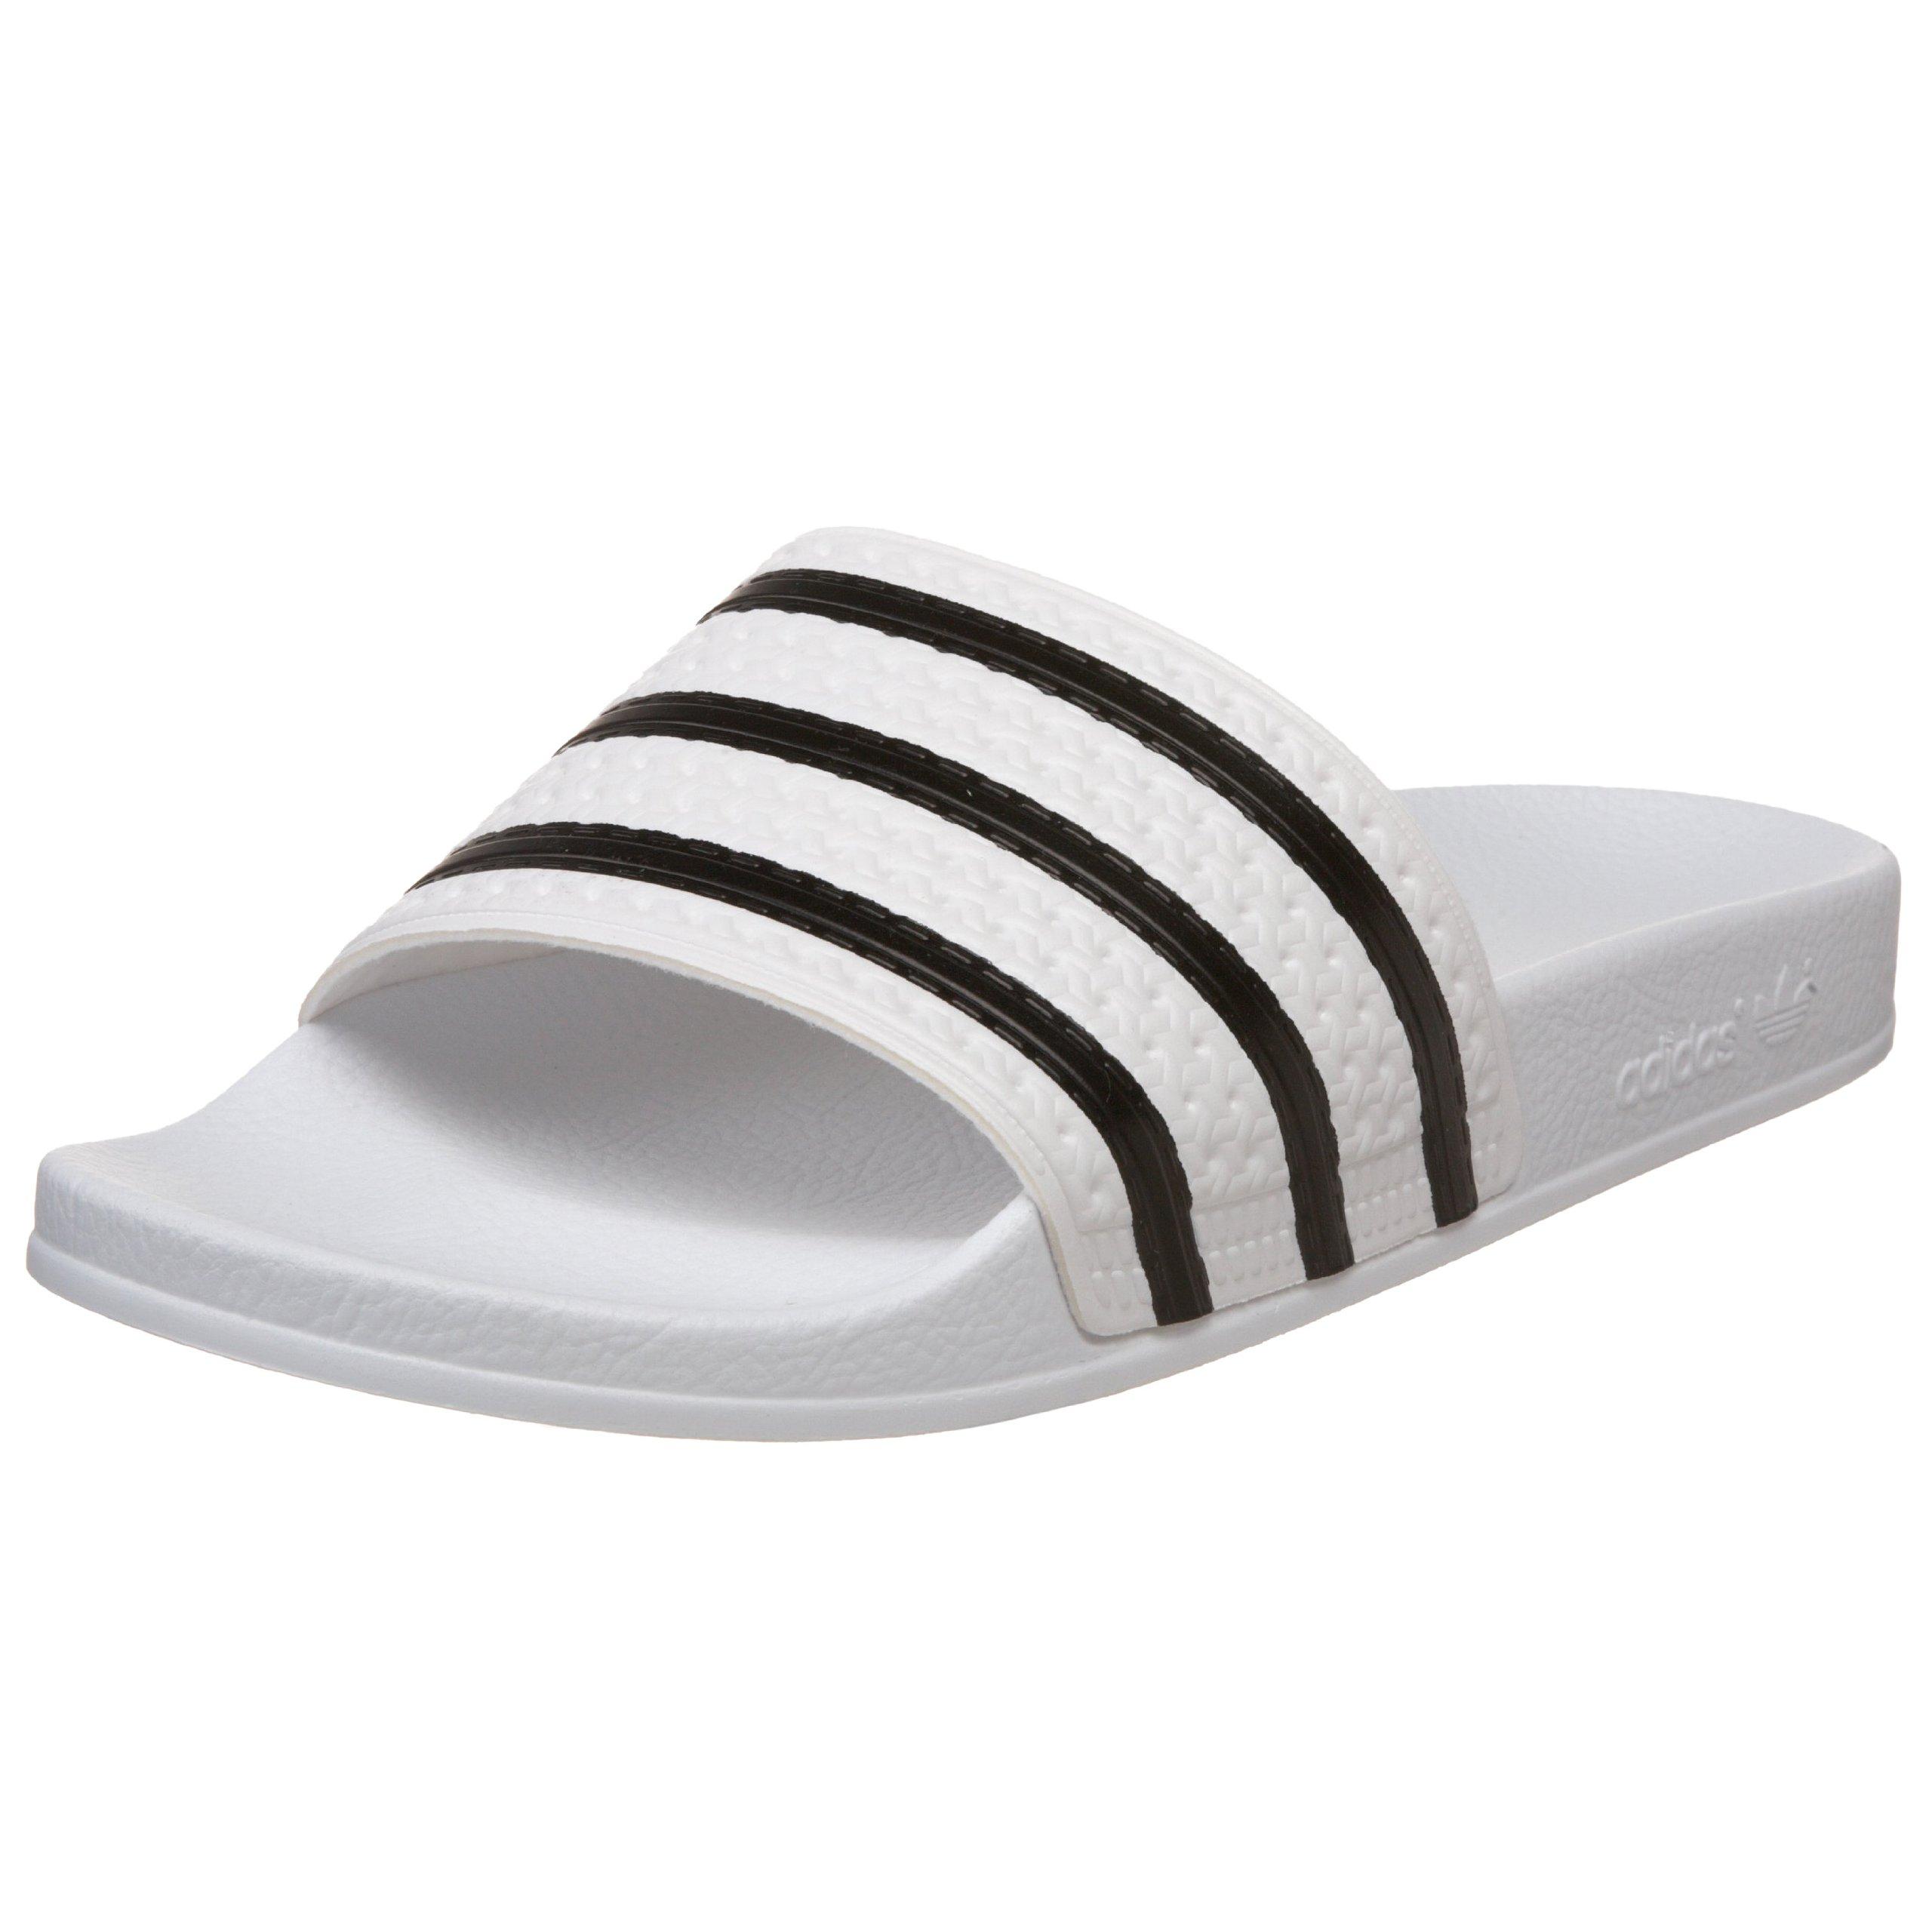 adidas Originals Men's Adilette, White/Black/White, 15 D(M) US